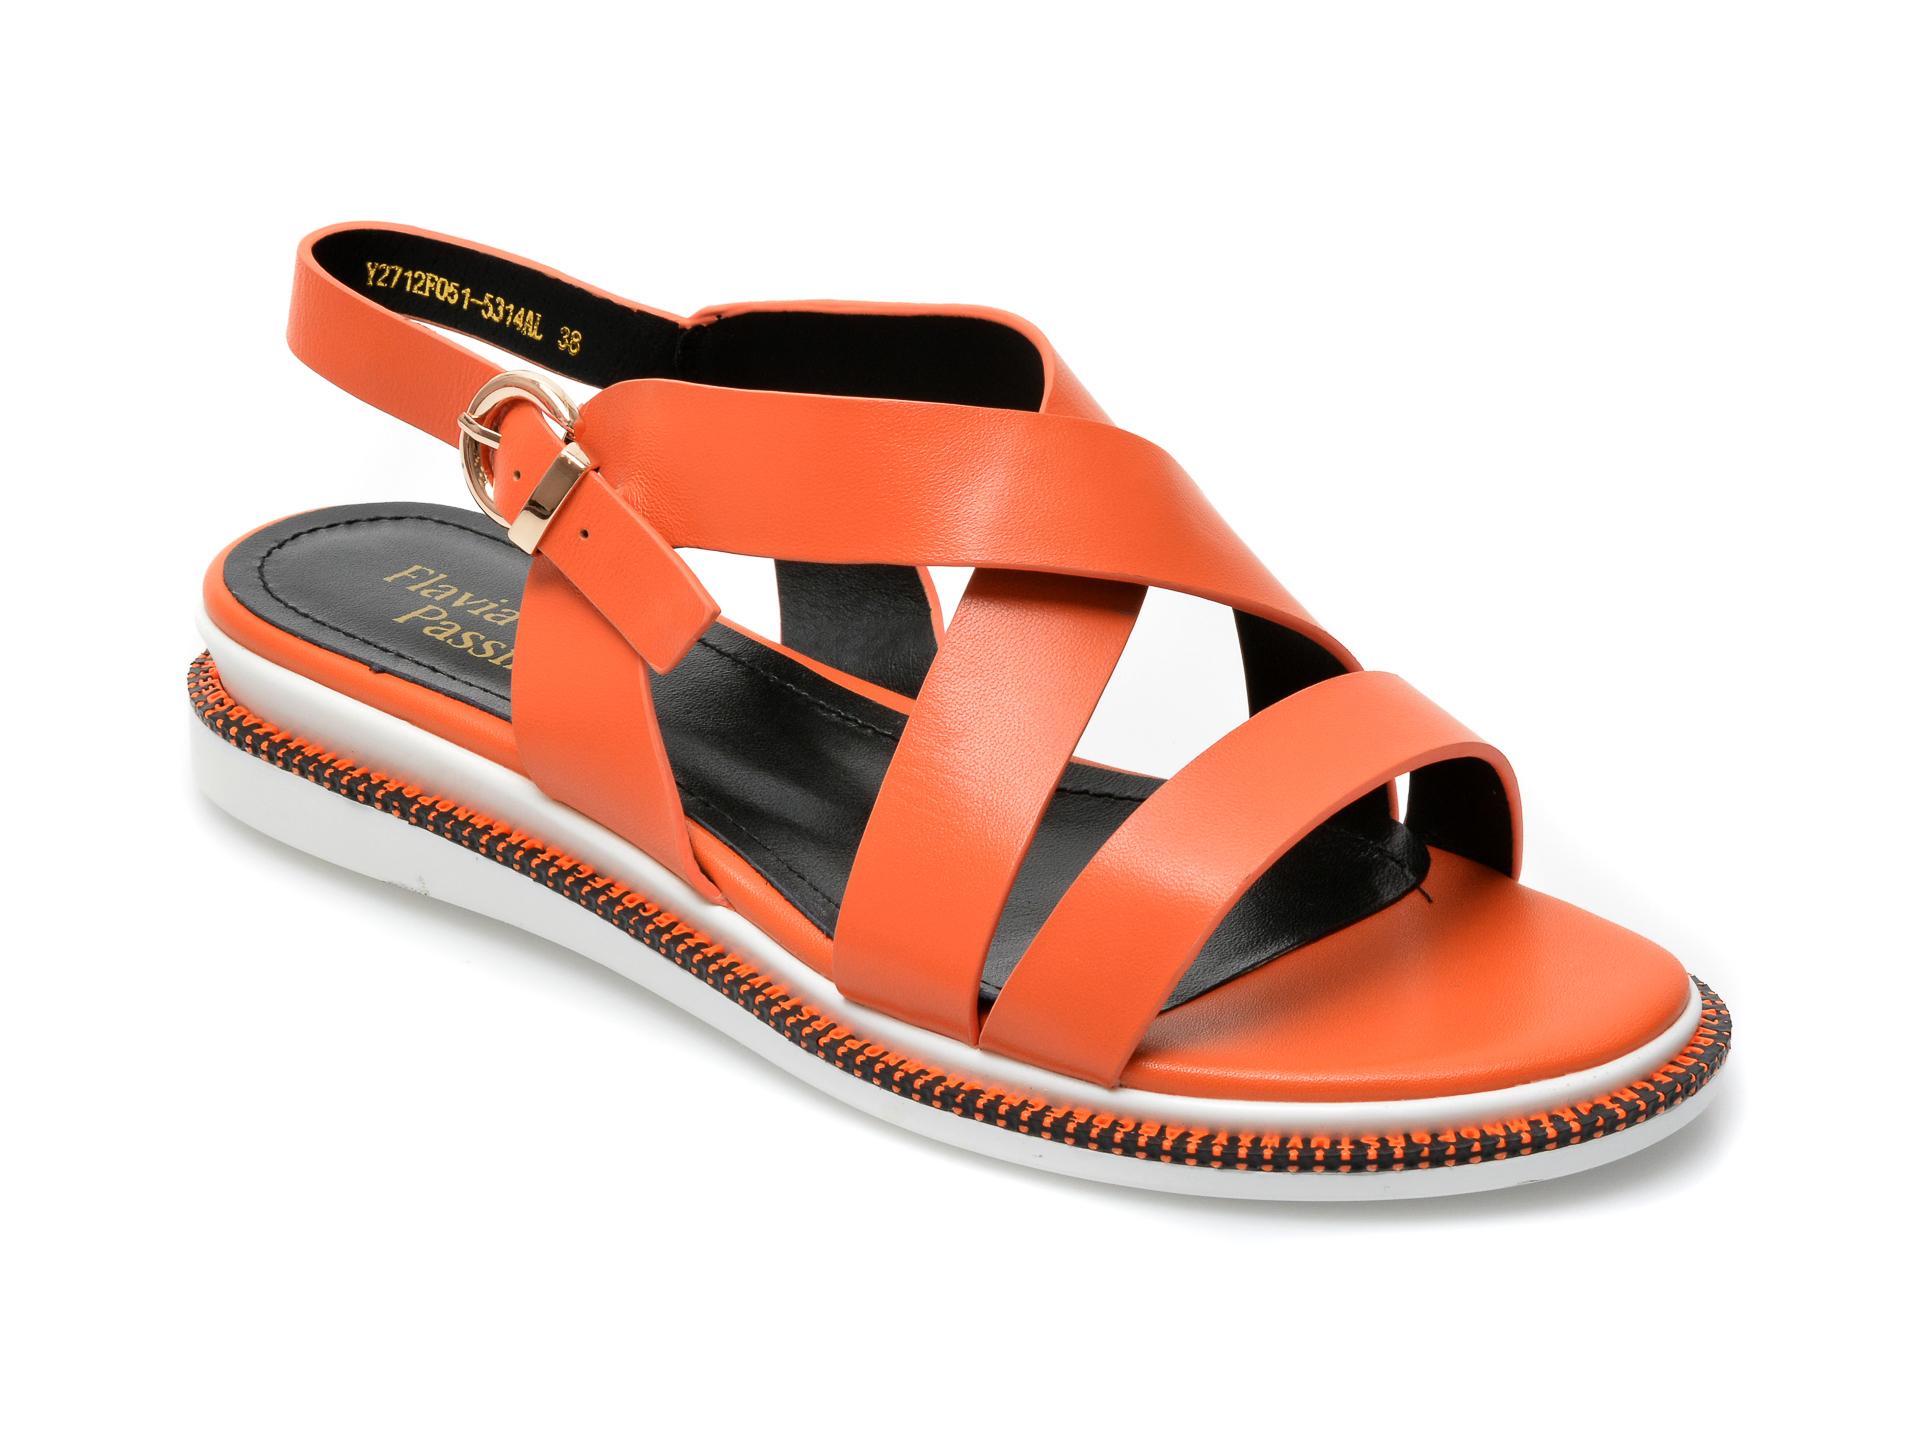 Sandale FLAVIA PASSINI portocalii, Y2712F0, din piele naturala